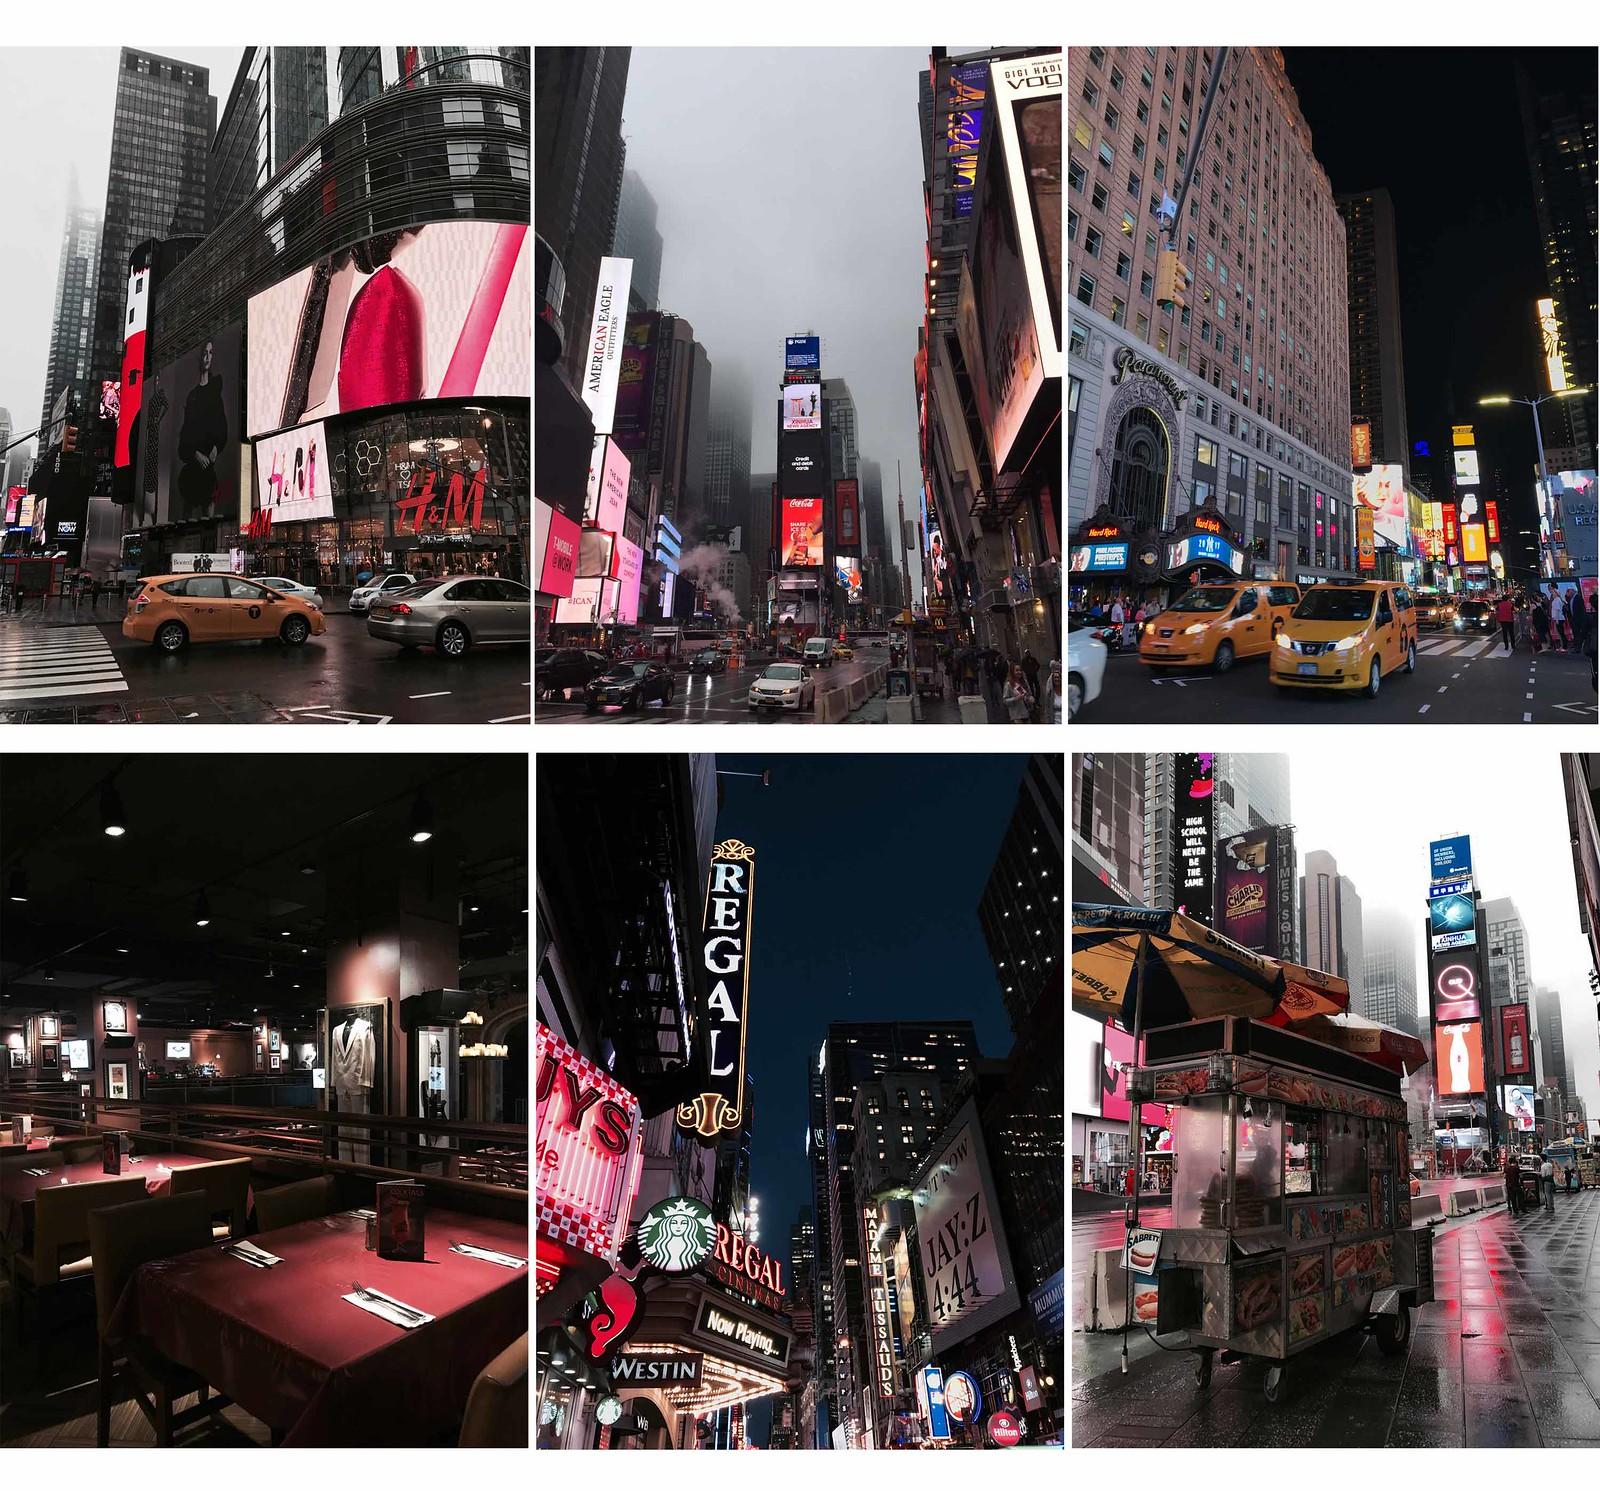 011_GUIA_NUEVA_YORK_7_DÍAS_QUÉ_HAY_EN_MI_IPHONE_VISITAR_NEW_YORK_POCOS_DIAS_NOLITA